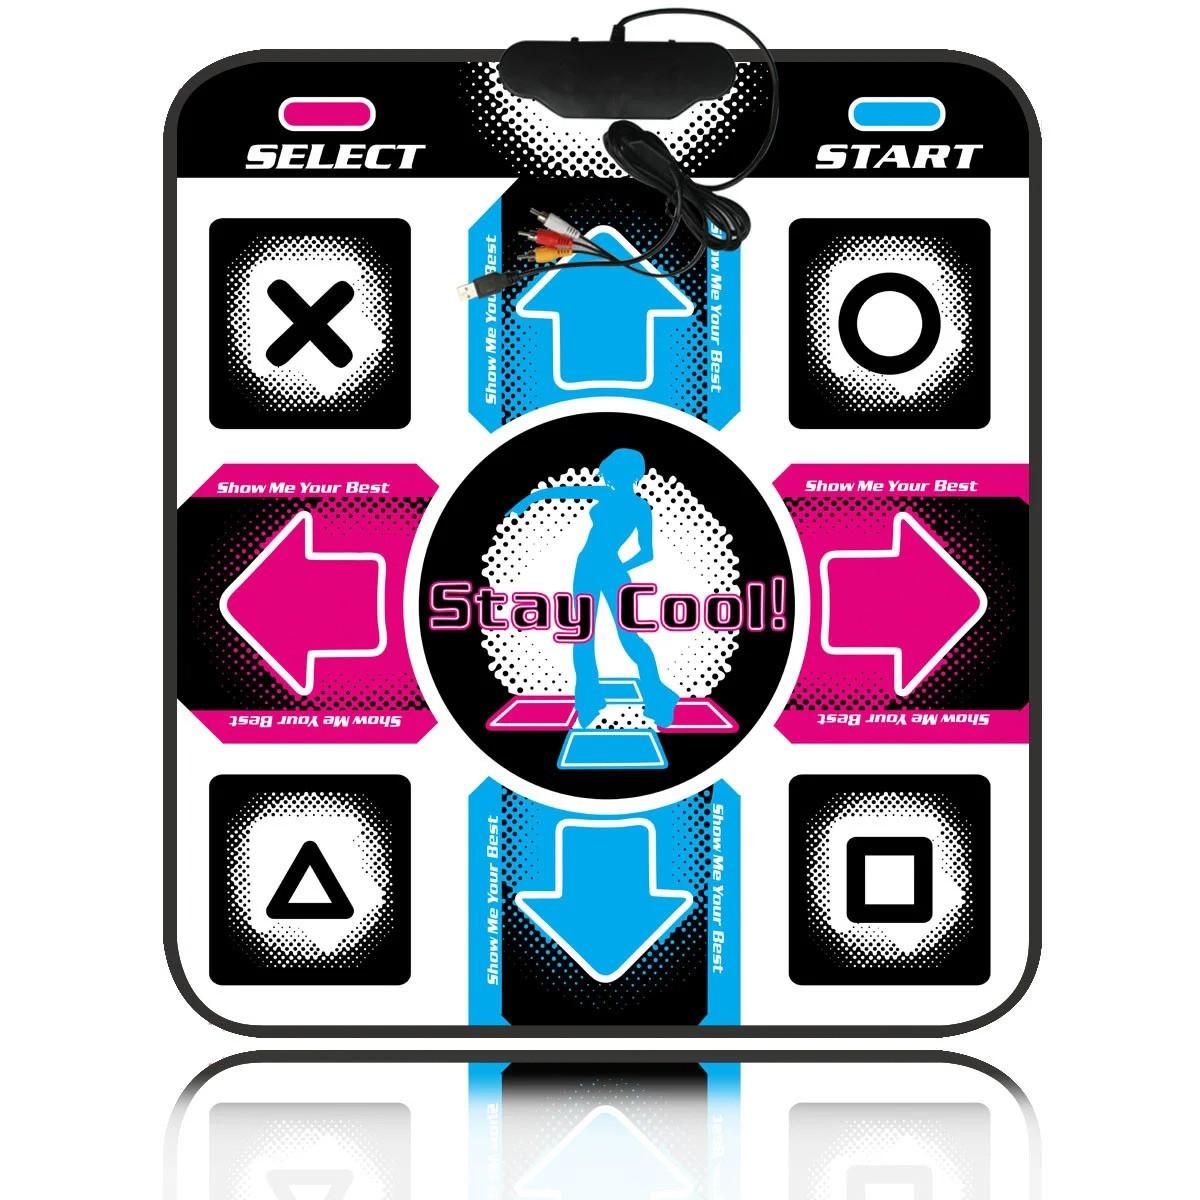 Танцювальний килимок для дітей Stepmania Coilmix, килимок для танців, до телевізора, комп'ютера (ТВ і ПК)